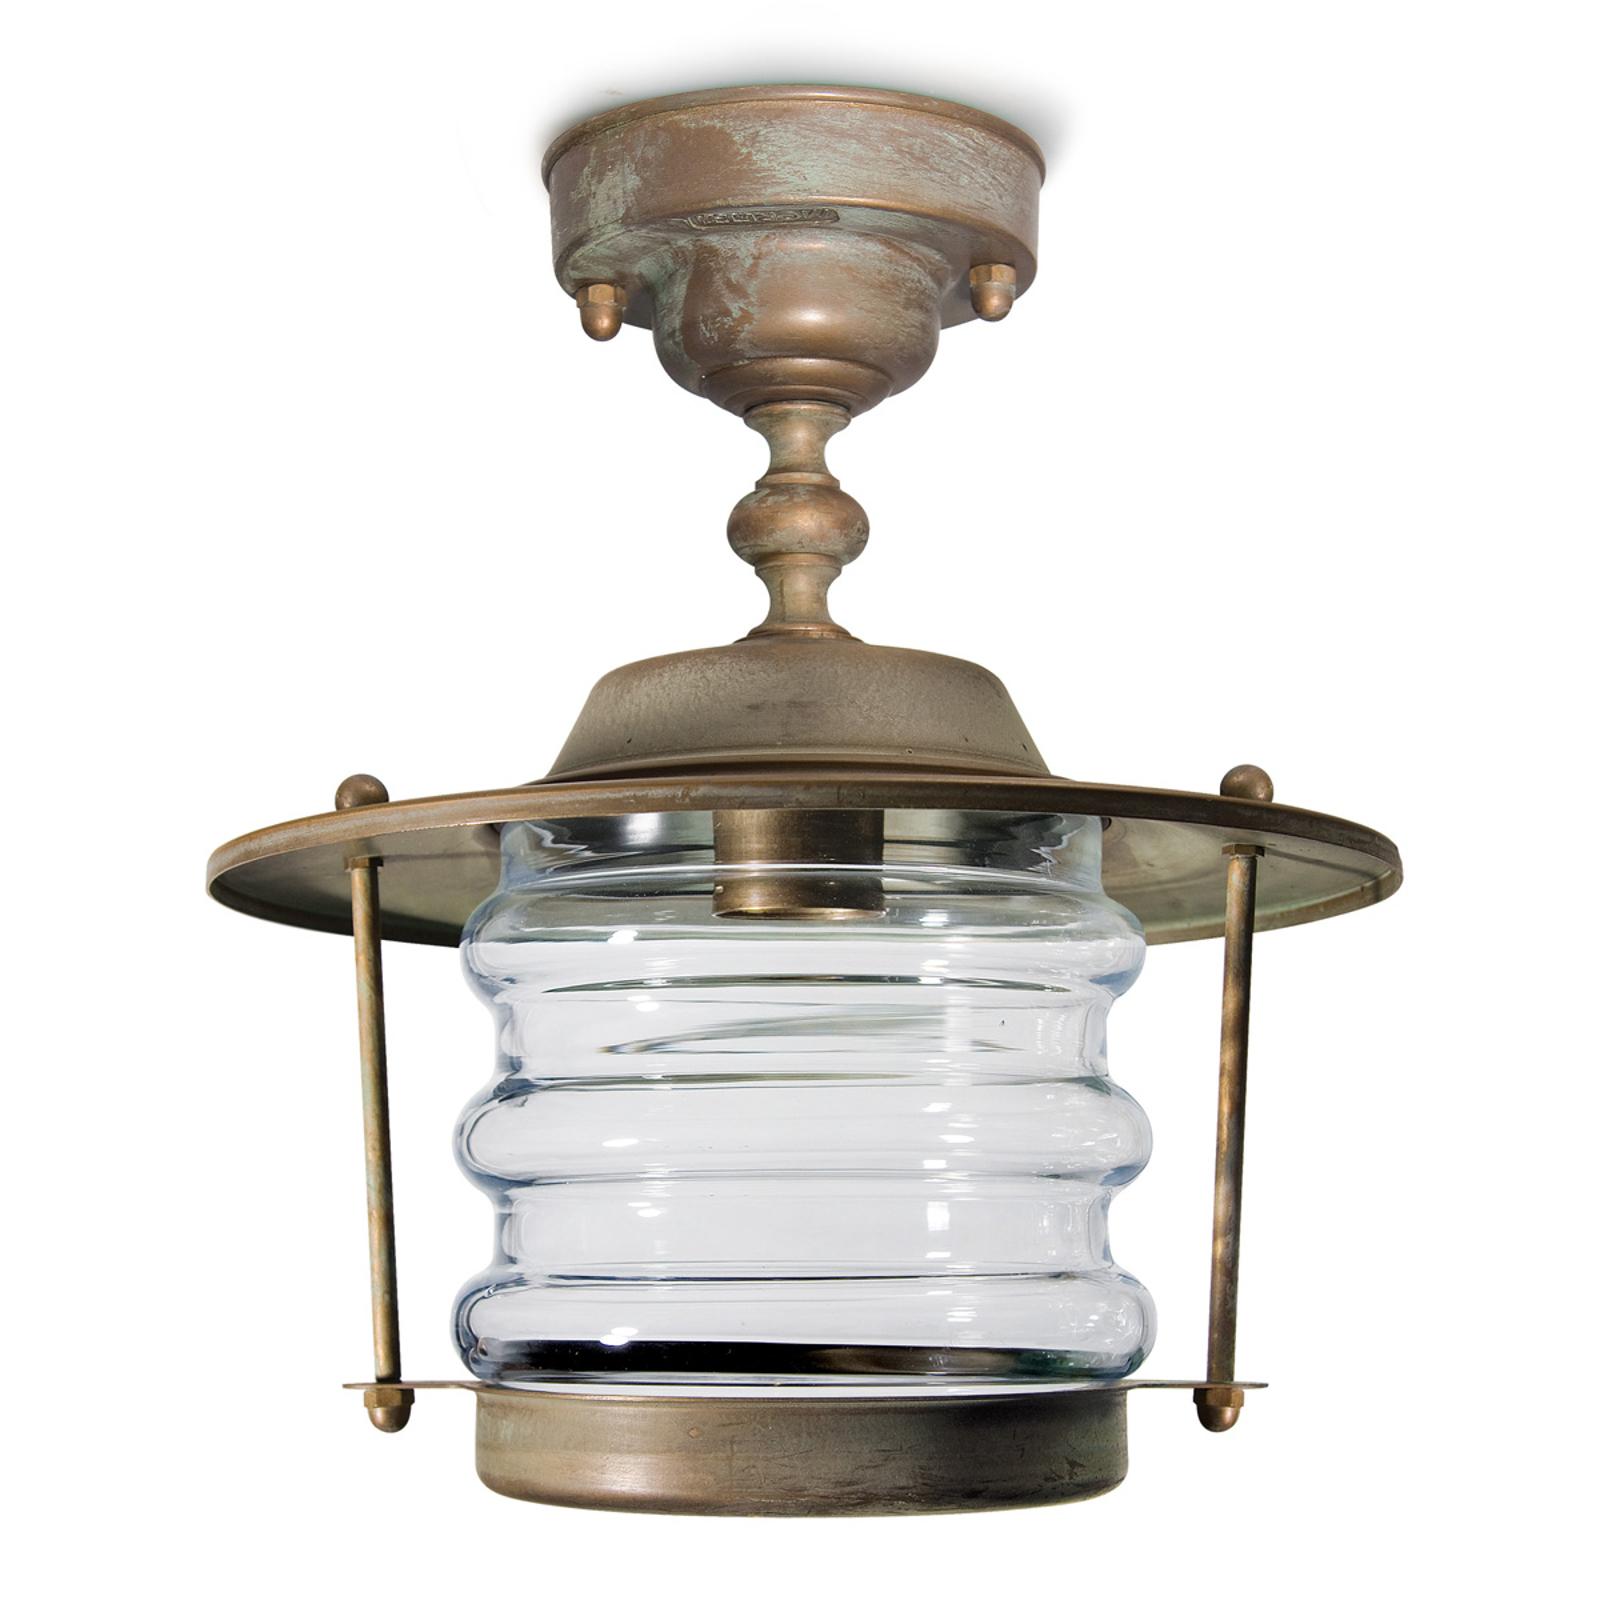 Lampa sufitowa zewnętrzna Adessora Ø 22,5 cm